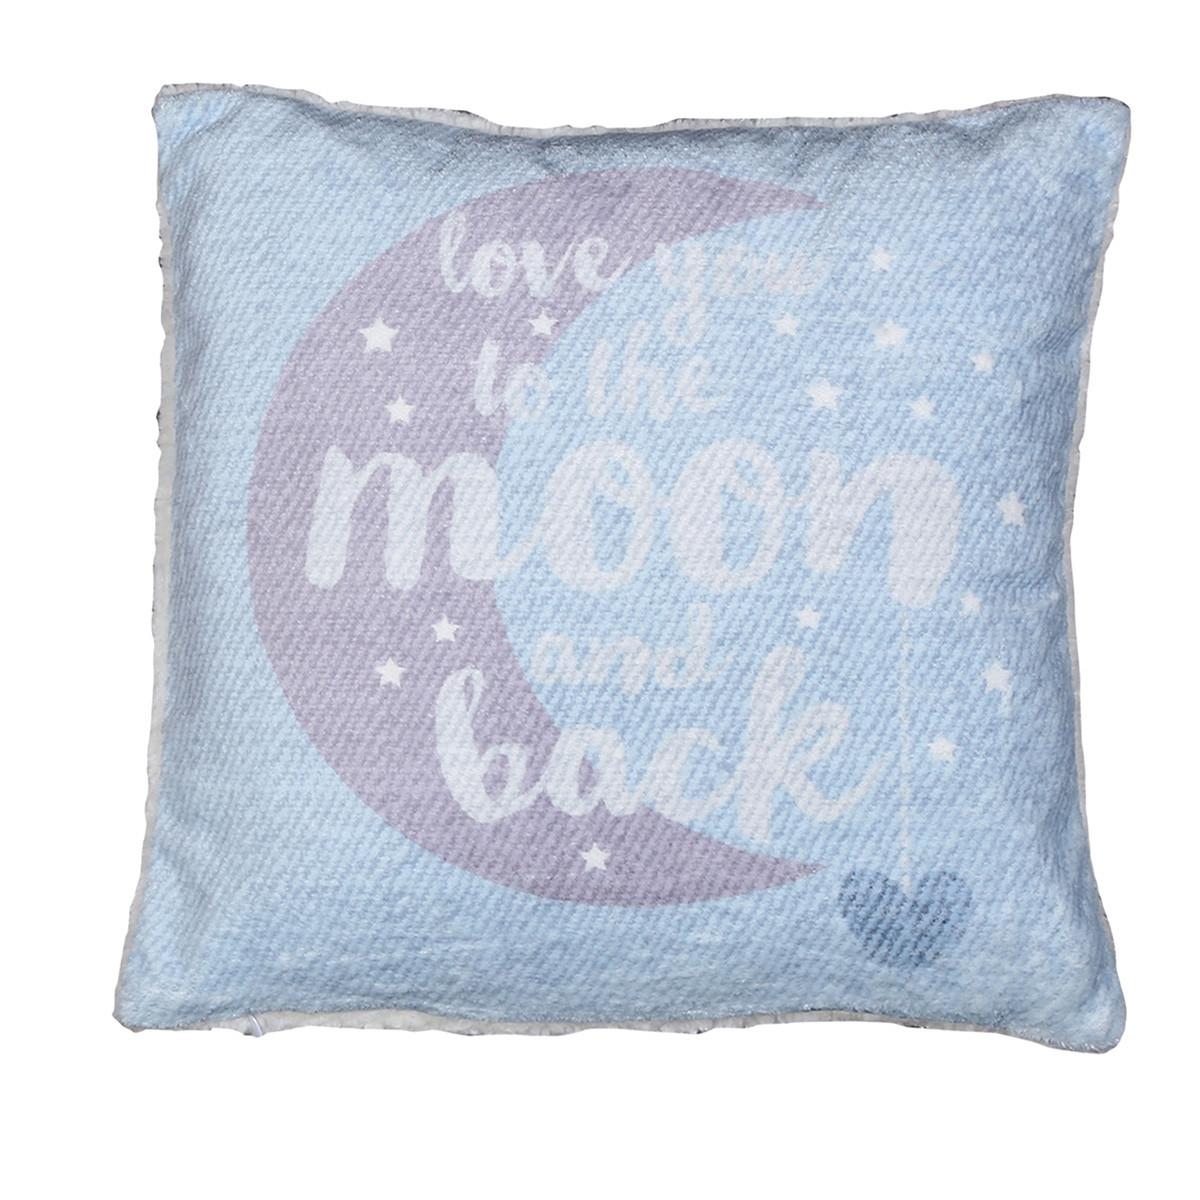 Διακοσμητικό Μαξιλάρι Nef-Nef Moon+Back Blue home   βρεφικά   διακοσμητικά μαξιλάρια